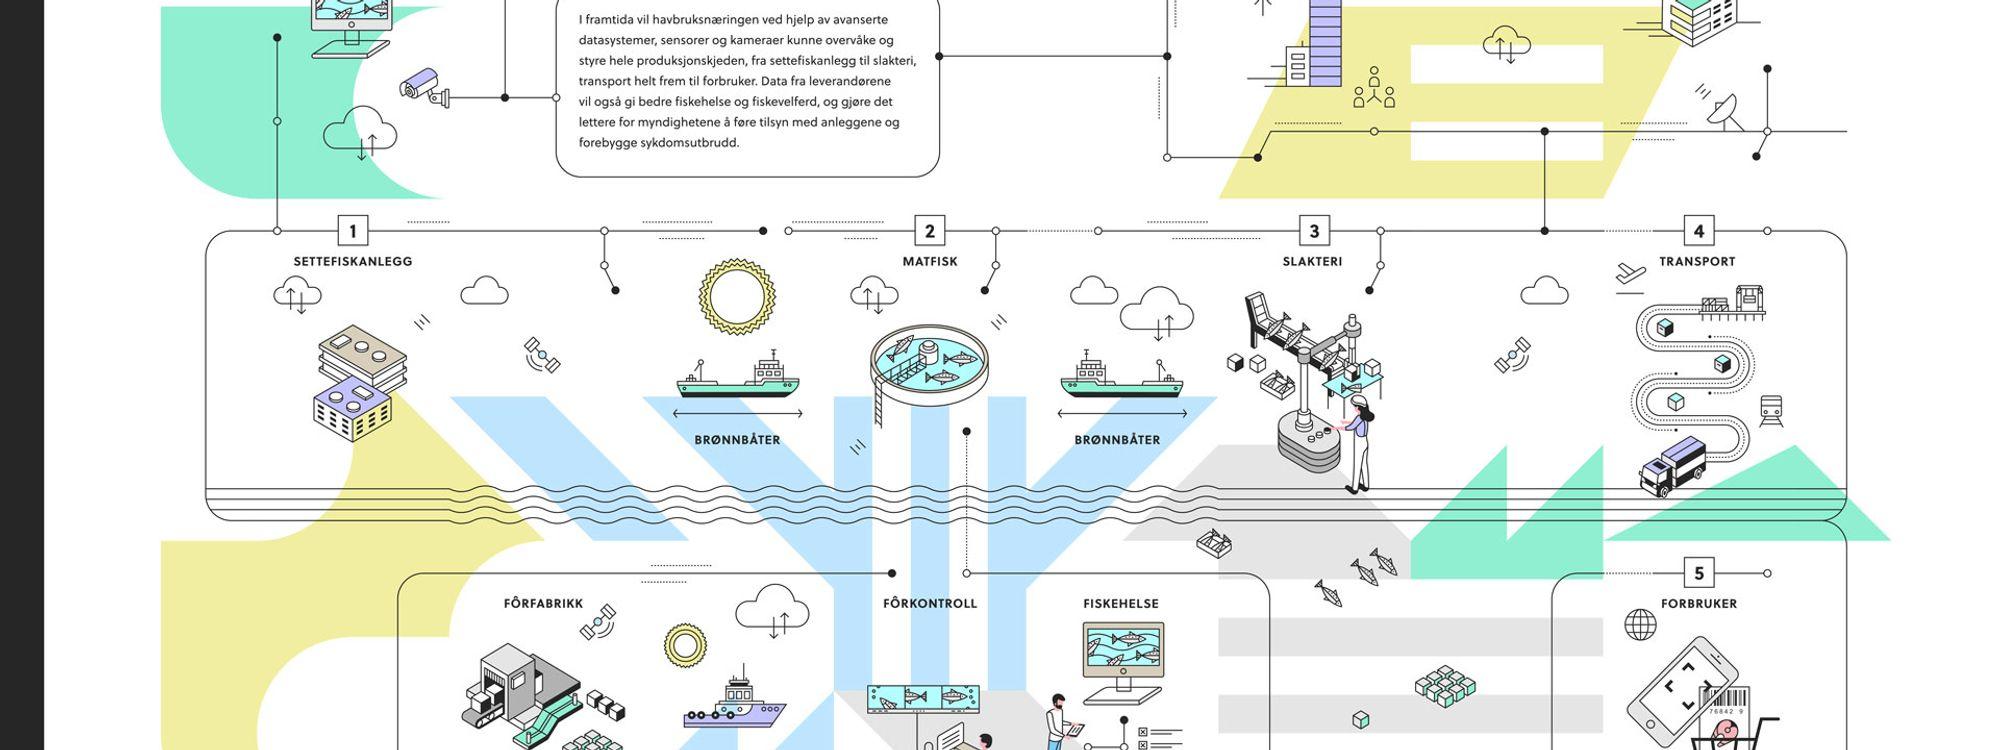 Datavisualisering – Havåker